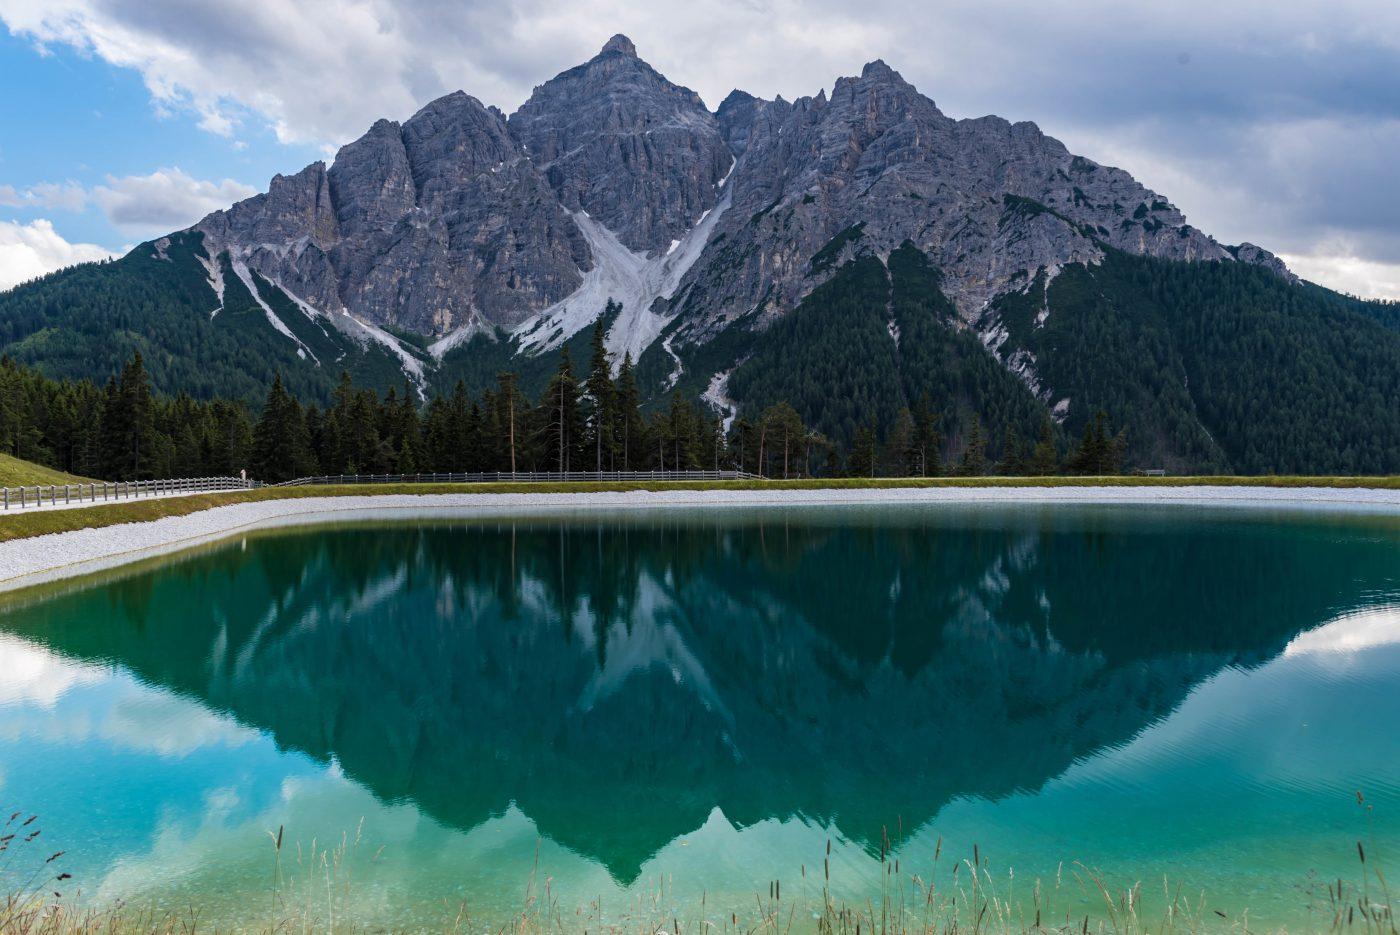 Serles mit Spiegelung im See